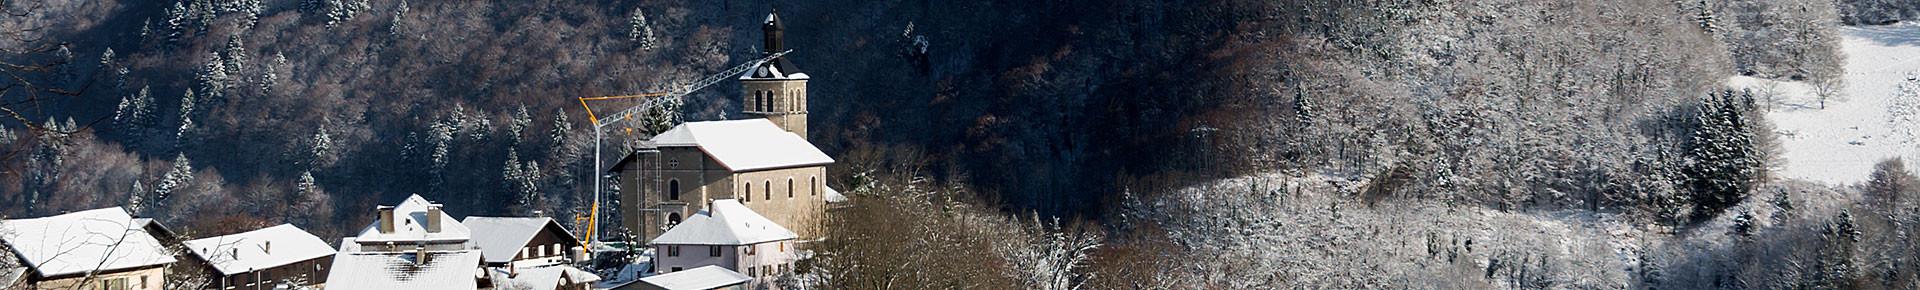 Le village de La Baume en hiver